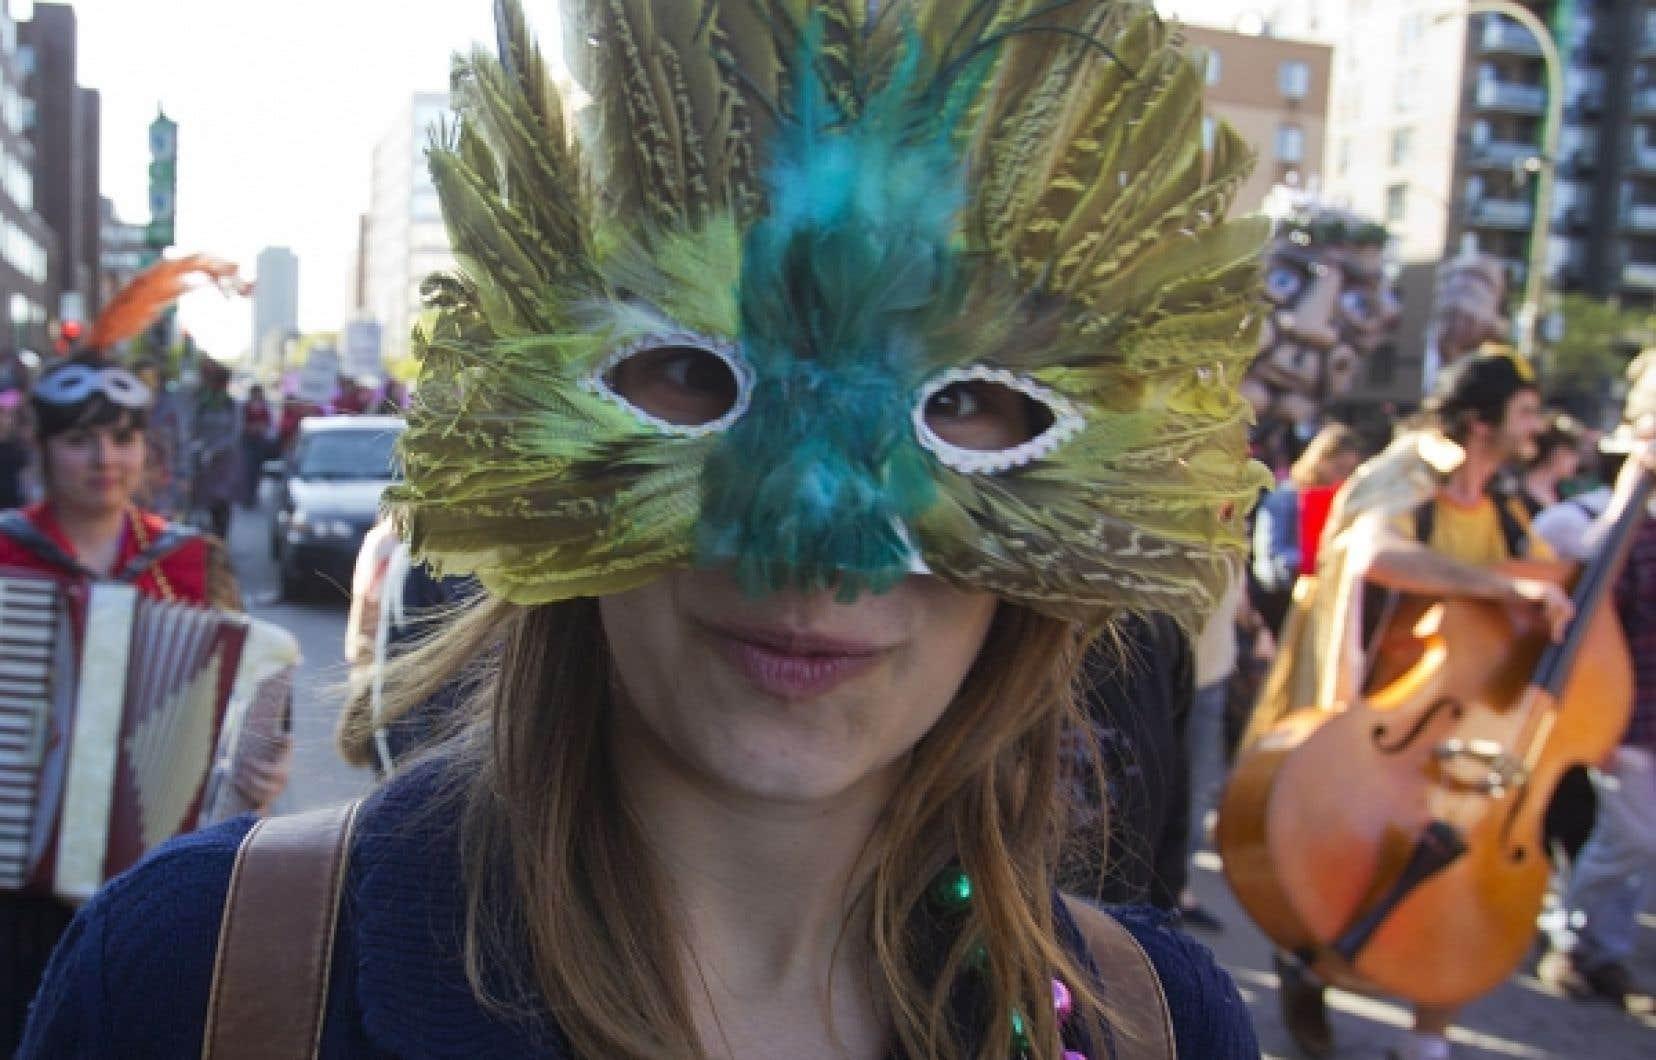 Le nouveau règlement, qui interdira le port du masque « sans motif raisonnable » lors de manifestations, pourra entrer en vigueur avant le rassemblement du 22 mai annoncé par la CLASSE. Sur notre photo : des étudiants ont manifesté au son de la musique, hier, au centre-ville.